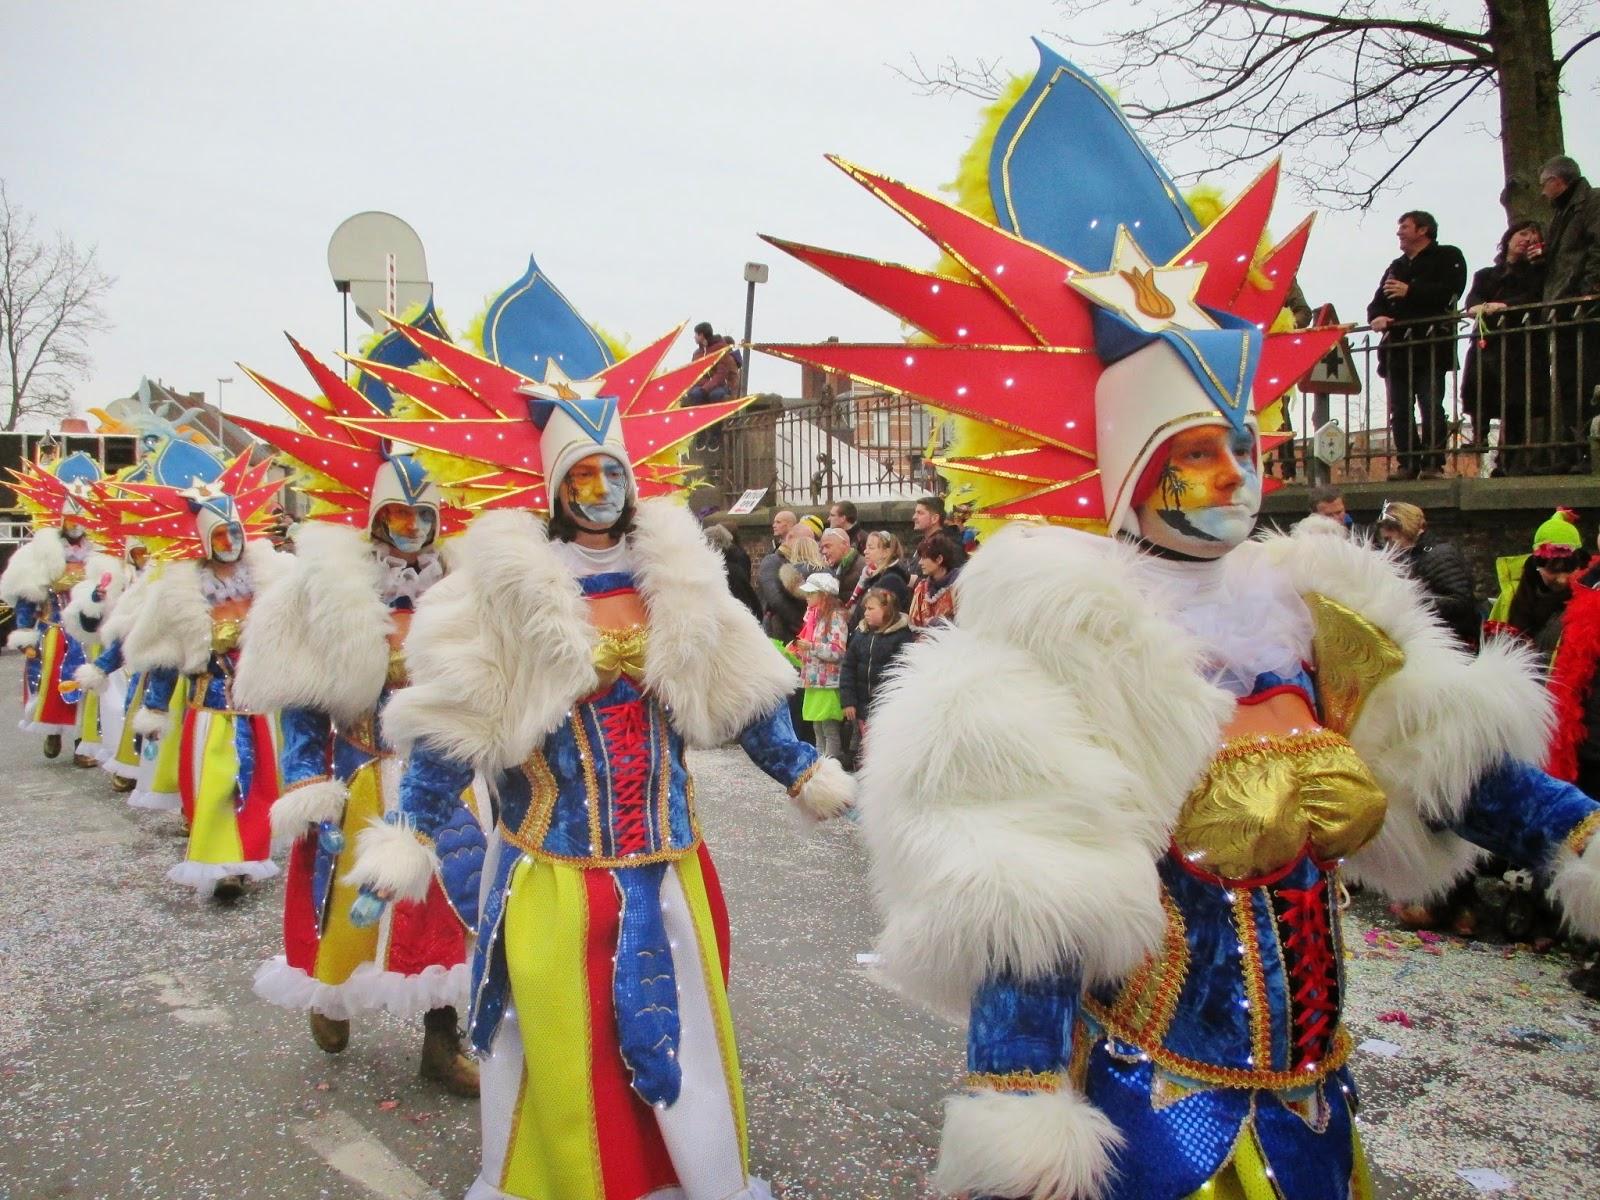 Carnaval Aalst foto- en videoblog: 6. Lekken En Plekken